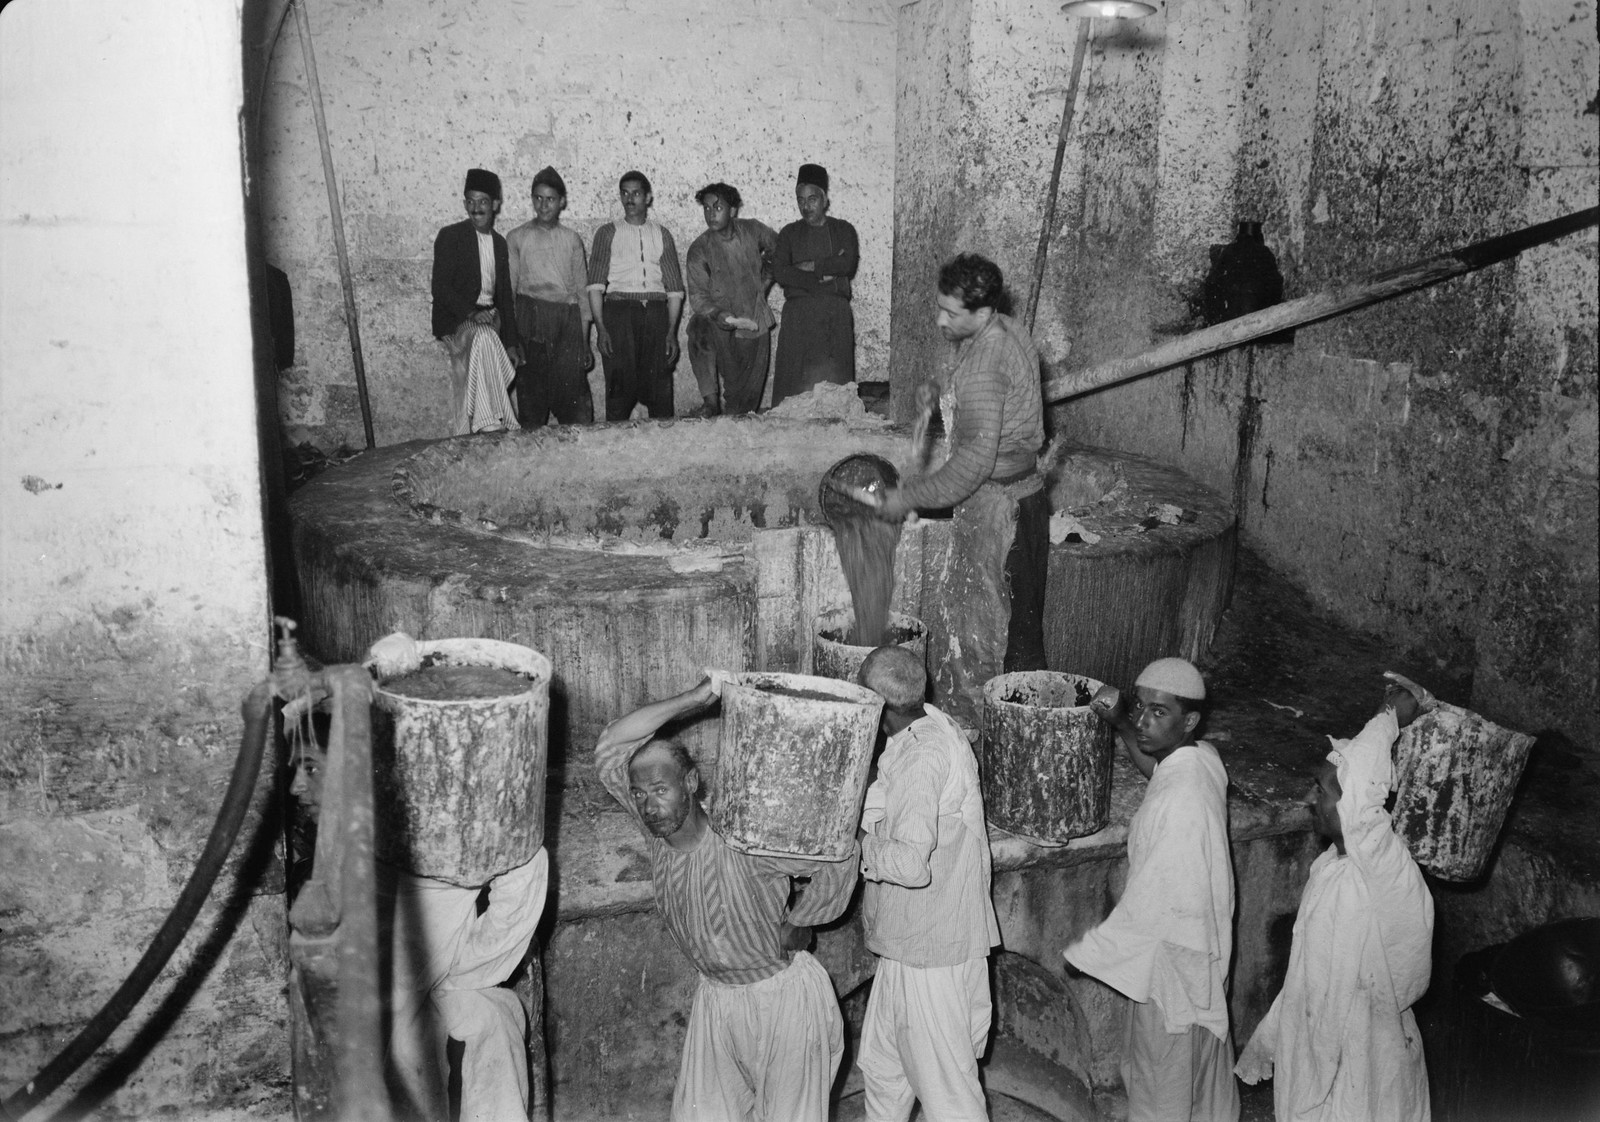 02. 1940. Шхем. Мыловарня. Жидкое мыло переносят на склад